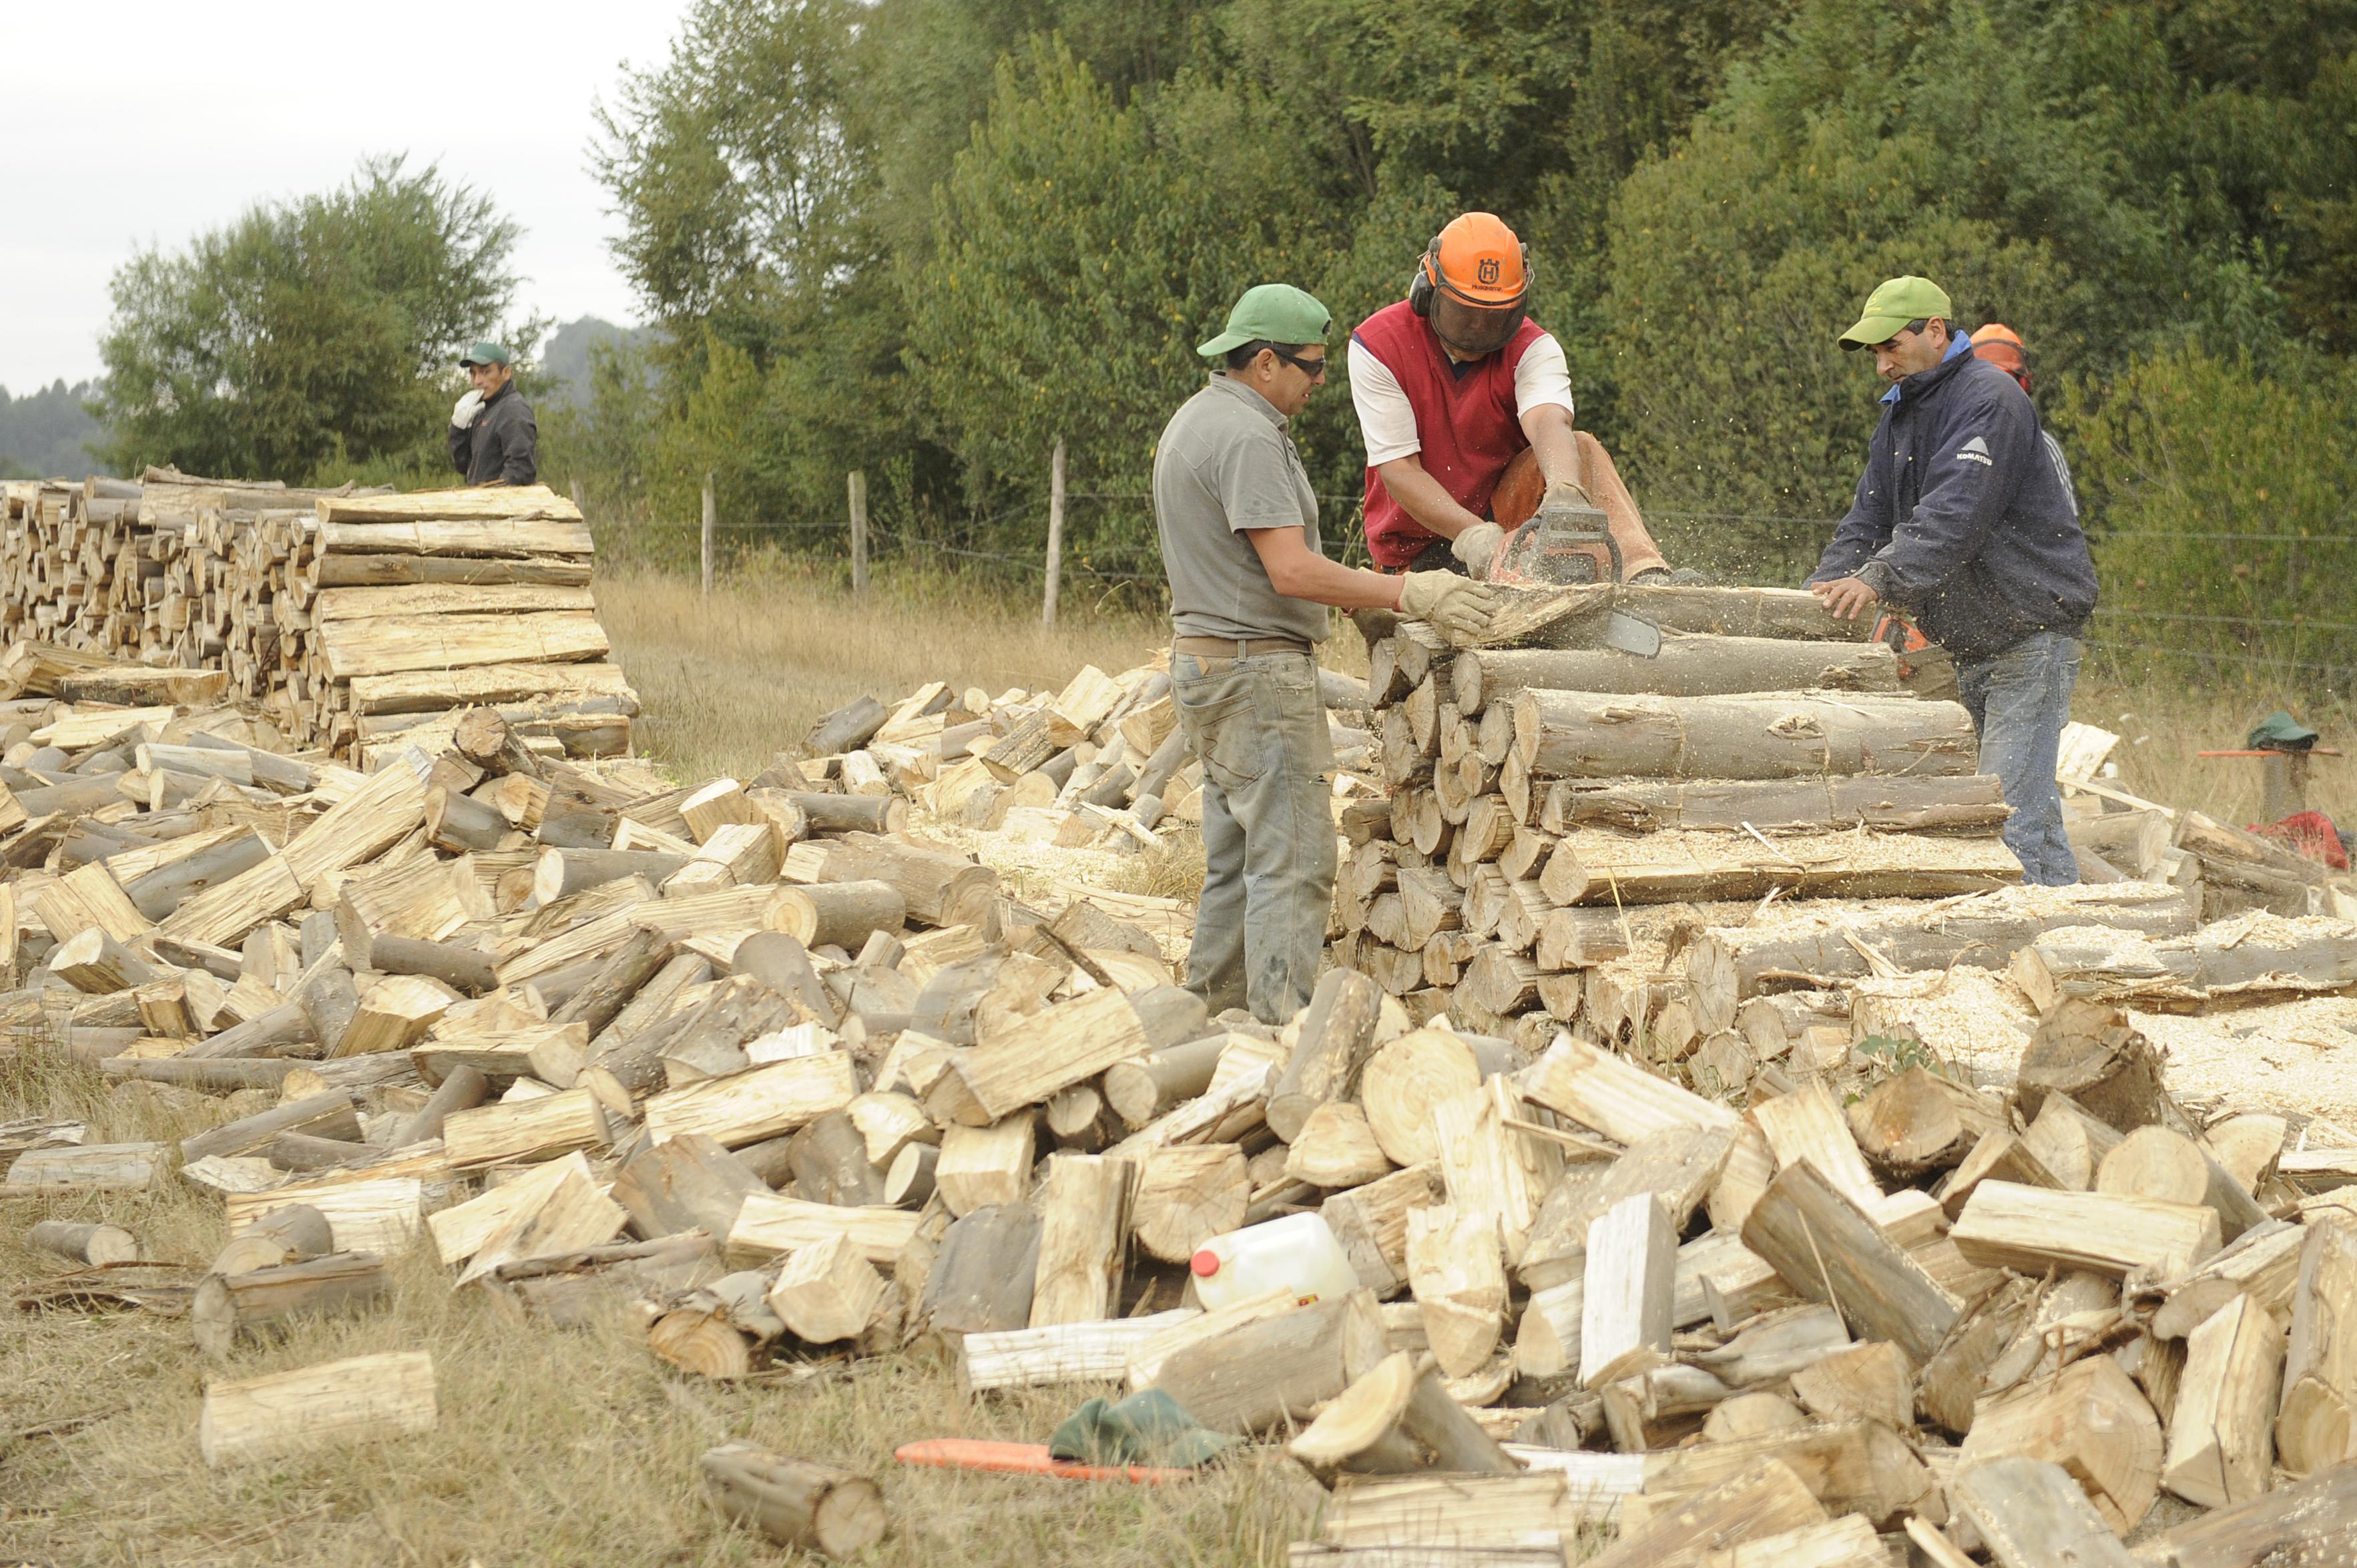 Trabajo nativo, un oficio sustentado en la calidad y la reinserción